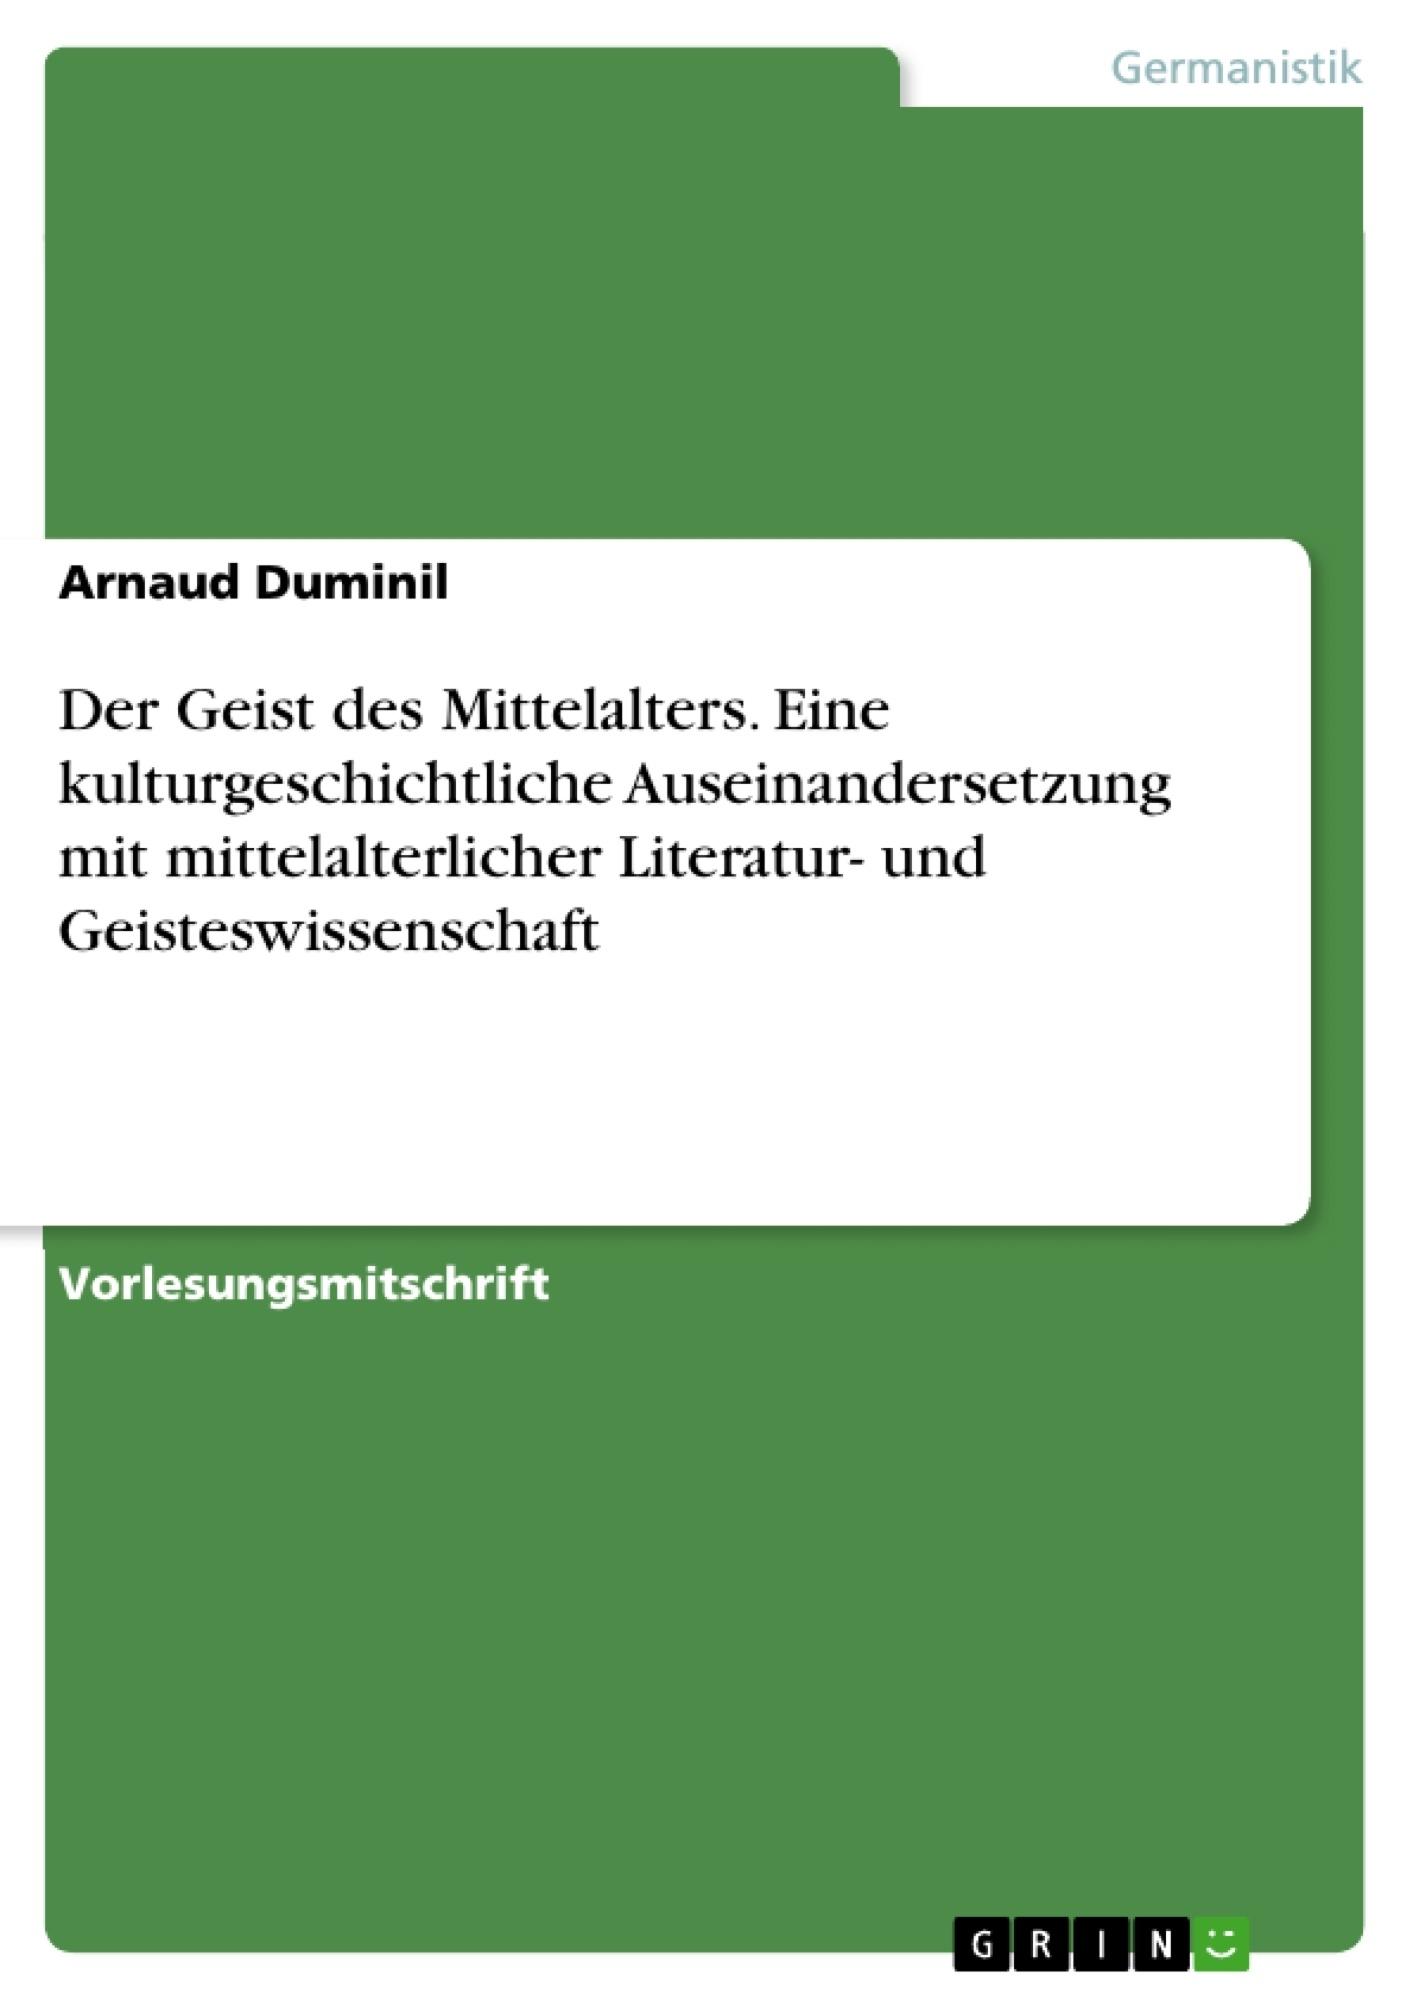 Titel: Der Geist des Mittelalters. Eine kulturgeschichtliche Auseinandersetzung mit mittelalterlicher Literatur- und Geisteswissenschaft